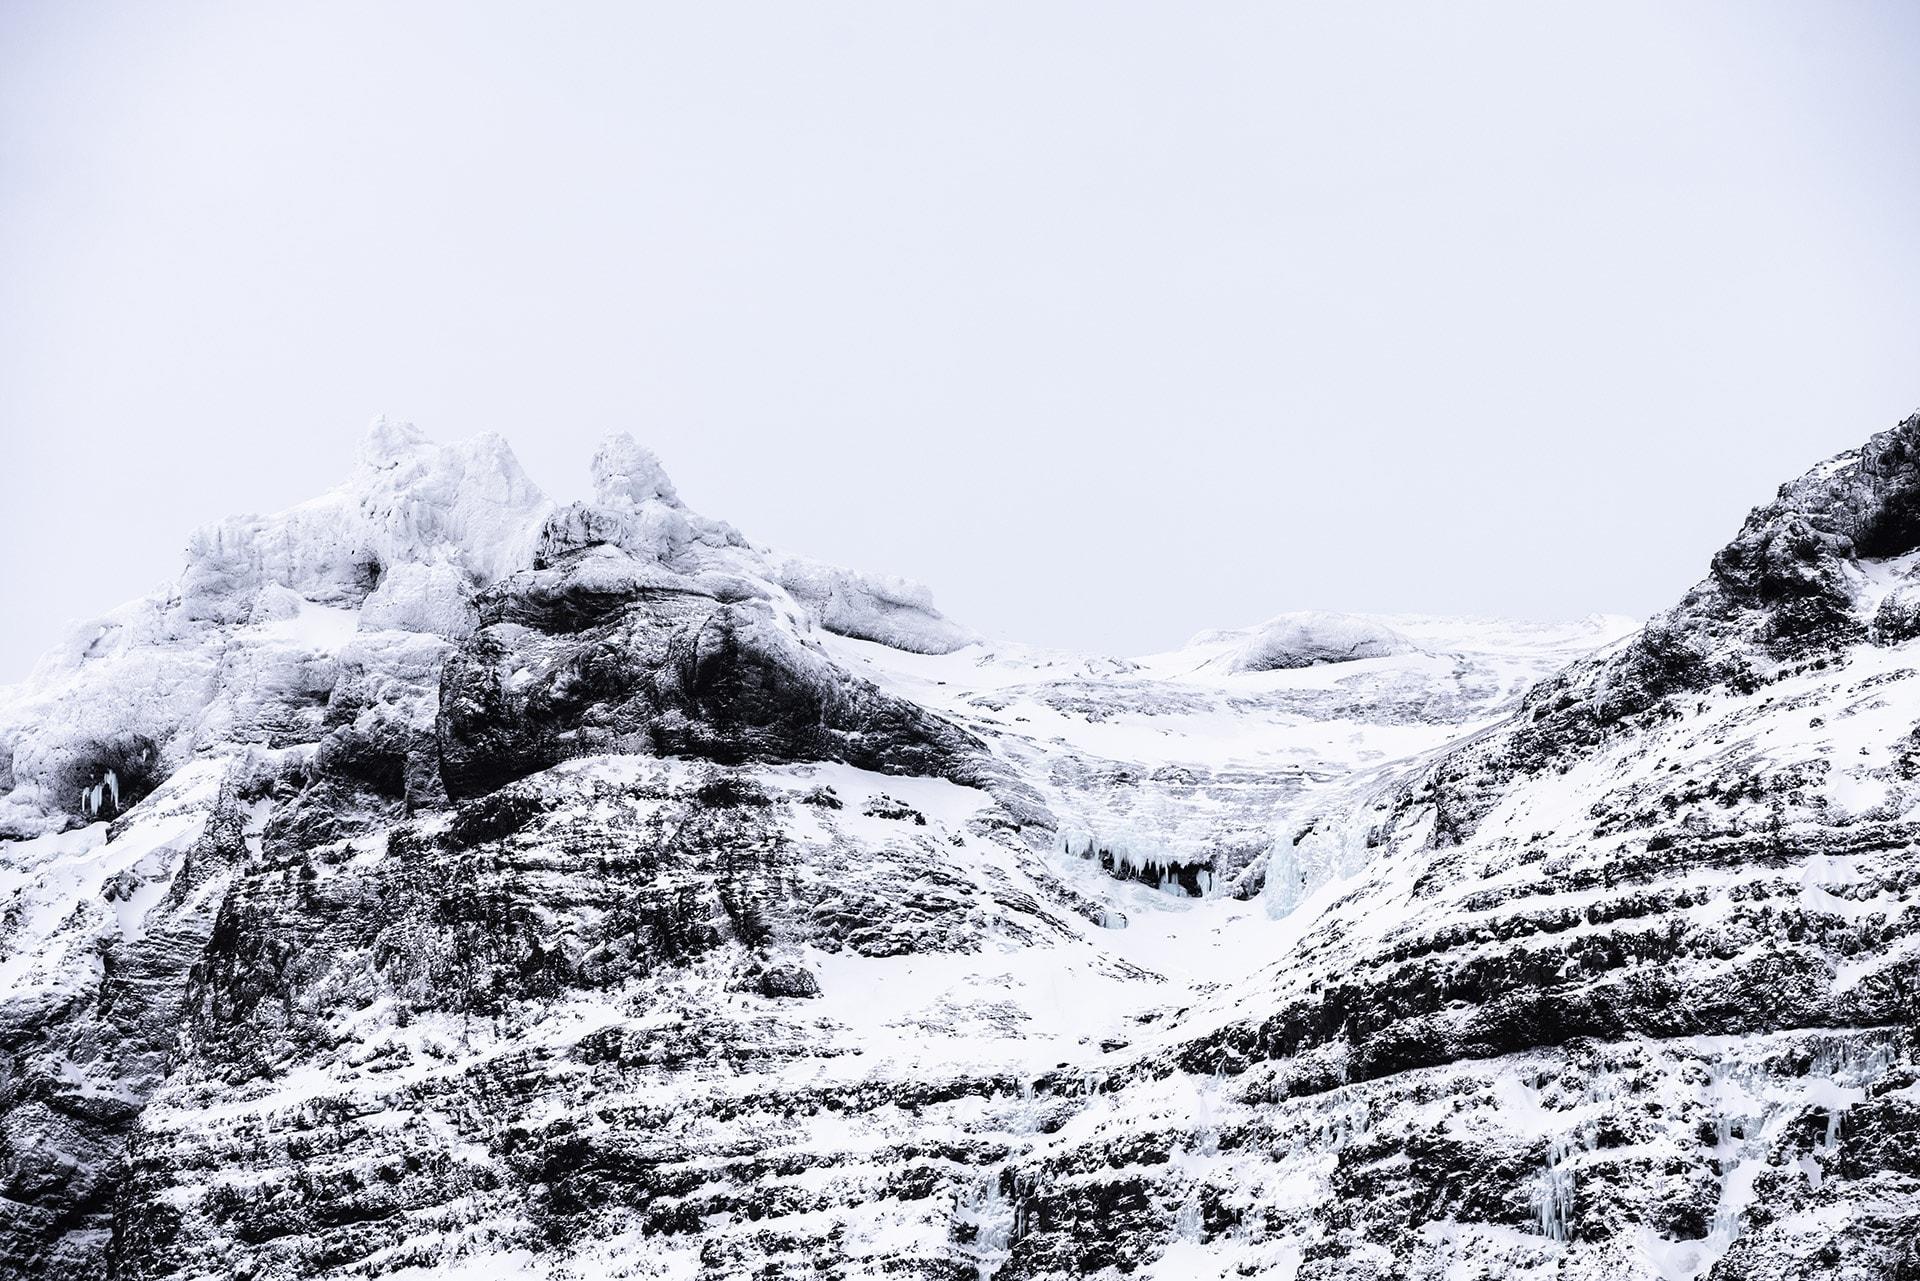 artnorama - Massive Ice Rocks